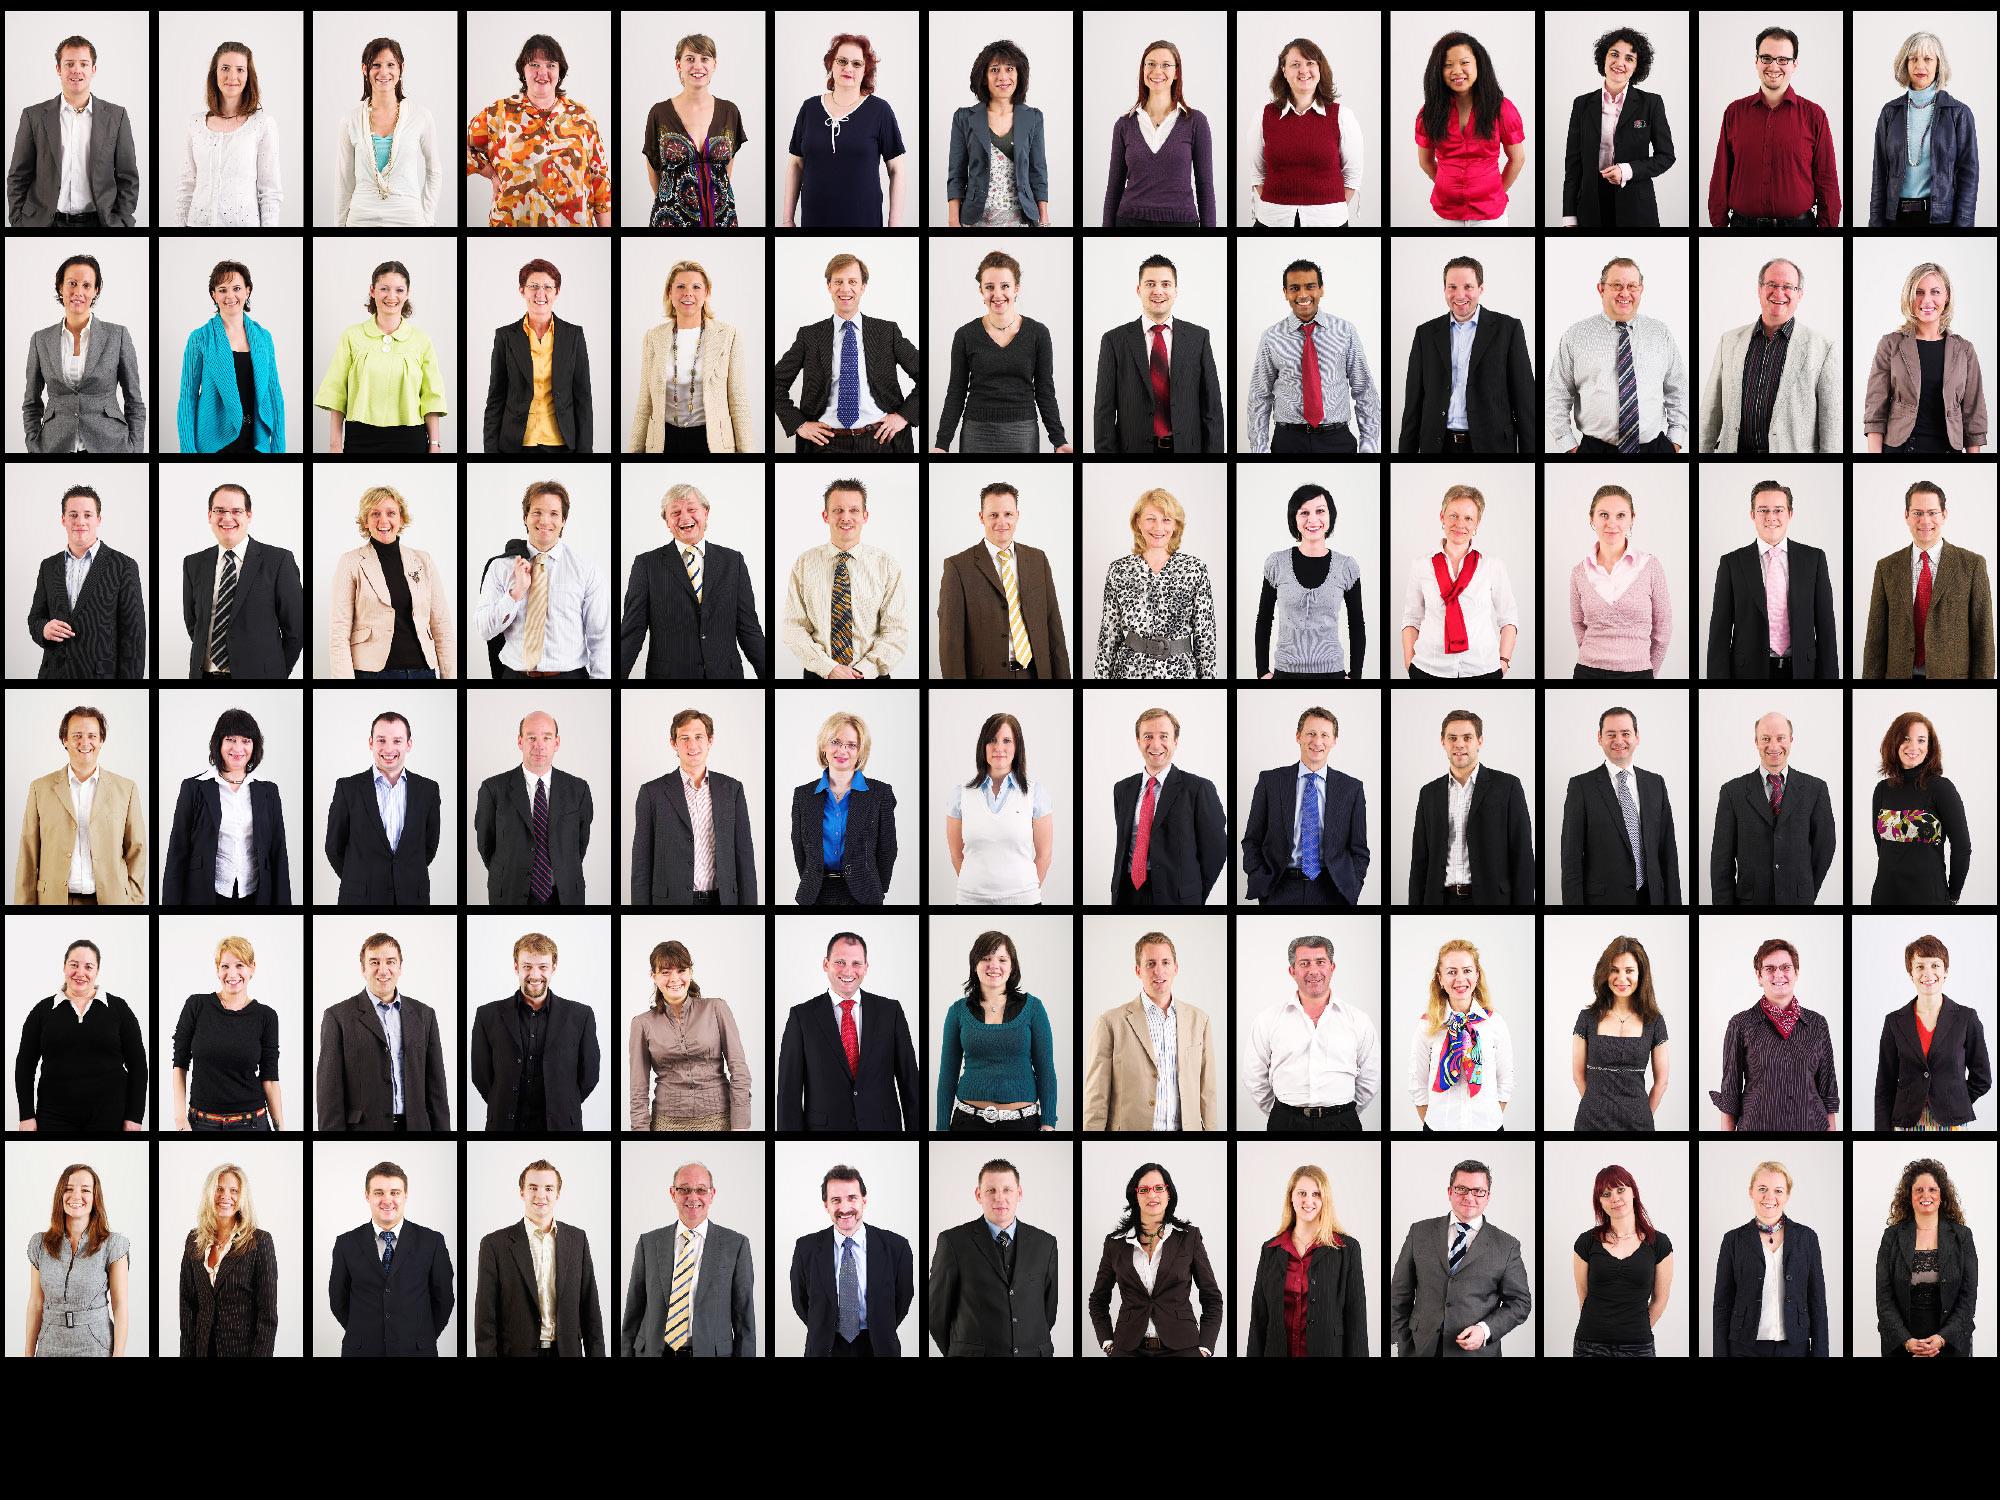 [:de]Mitarbeiter-Porträts für Akron Jahresbericht: Wien, Amsterdam, Warschau, Budapest, Kiew, Moskau.[:en]employer-portraits for Akron annual: Vienna, Amsterdam, Warsaw, Budapest, Kiev, Moskow.